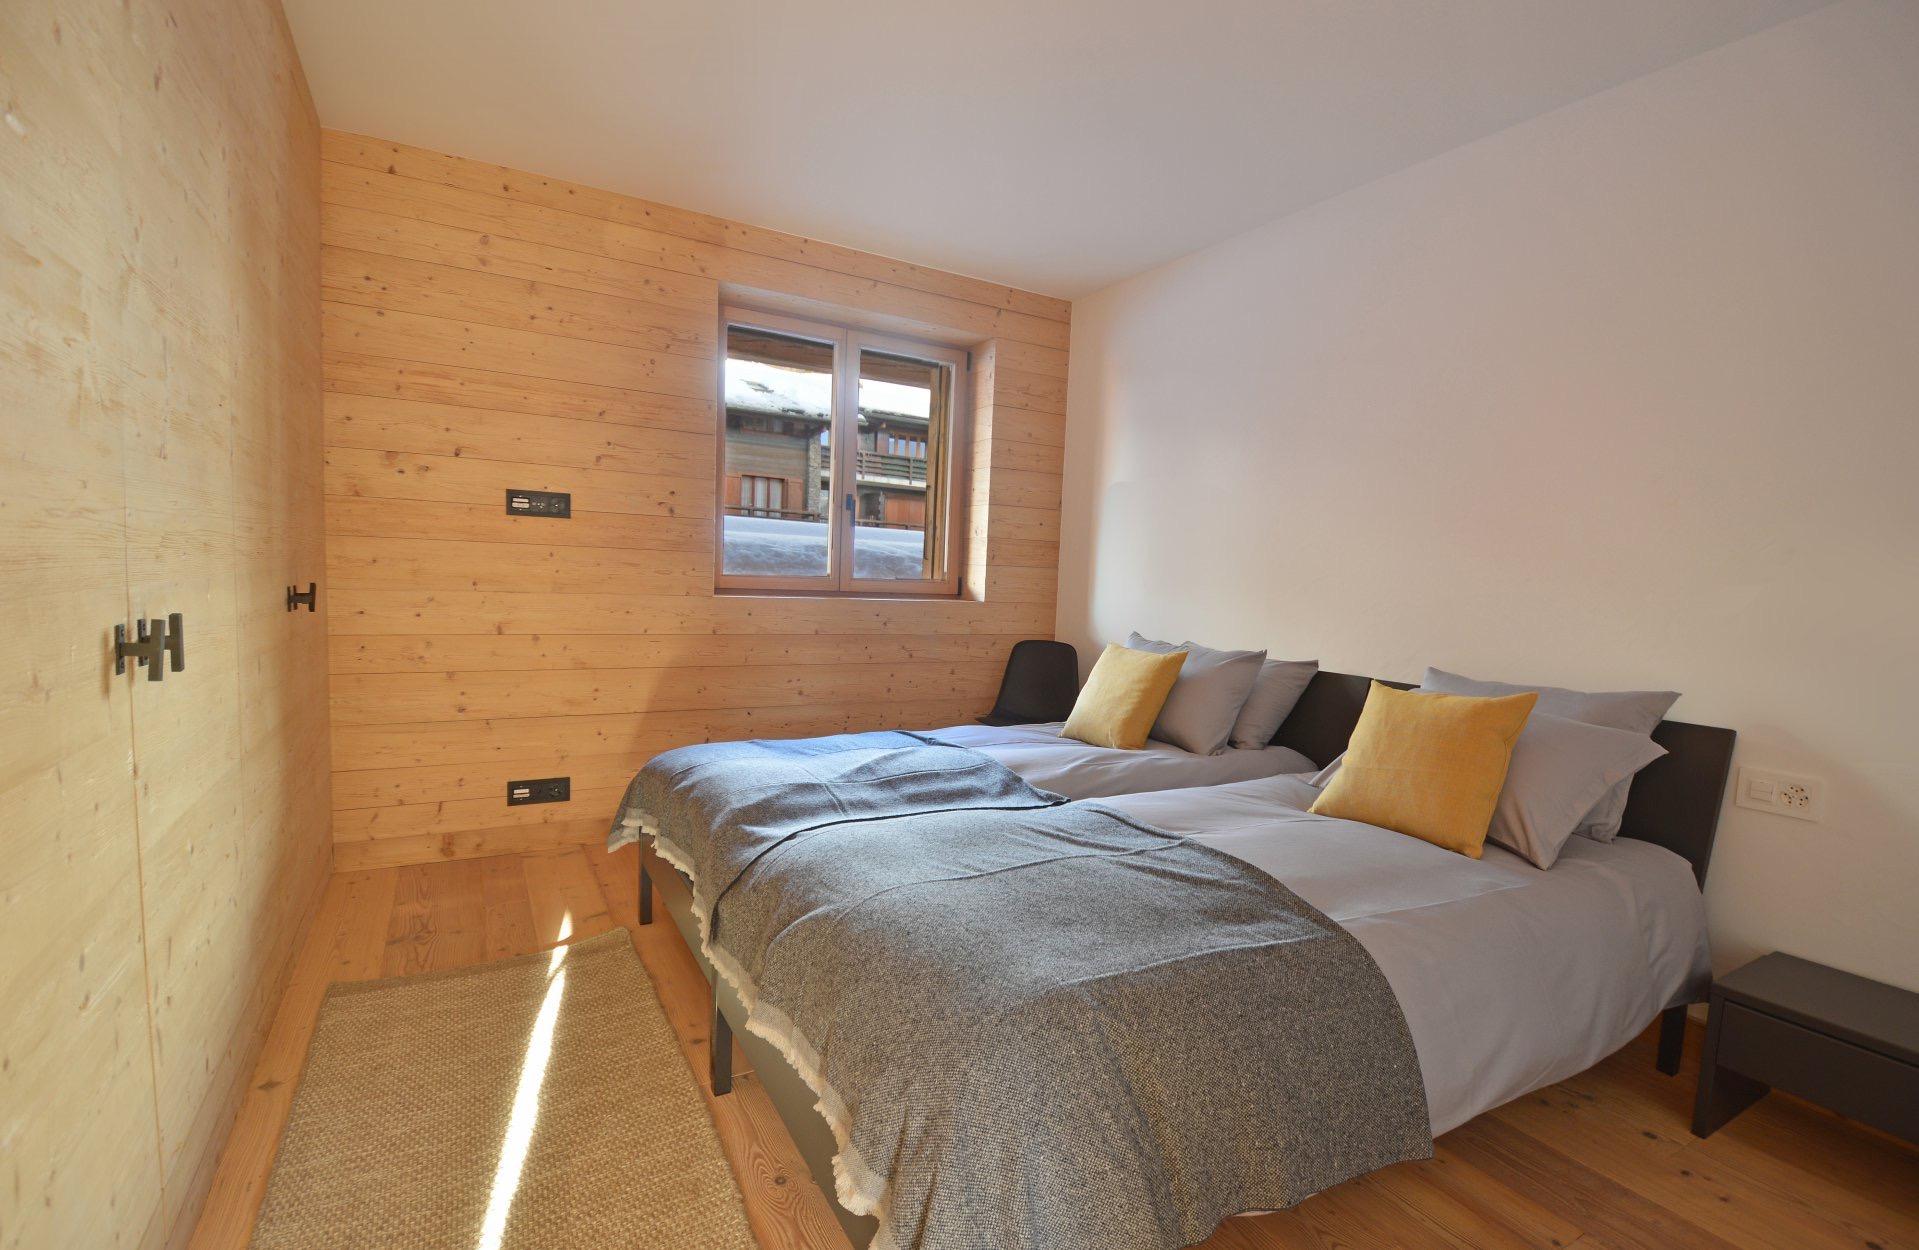 Новая роскошная резиденция в центре Вербье, Швейцария, Альпы